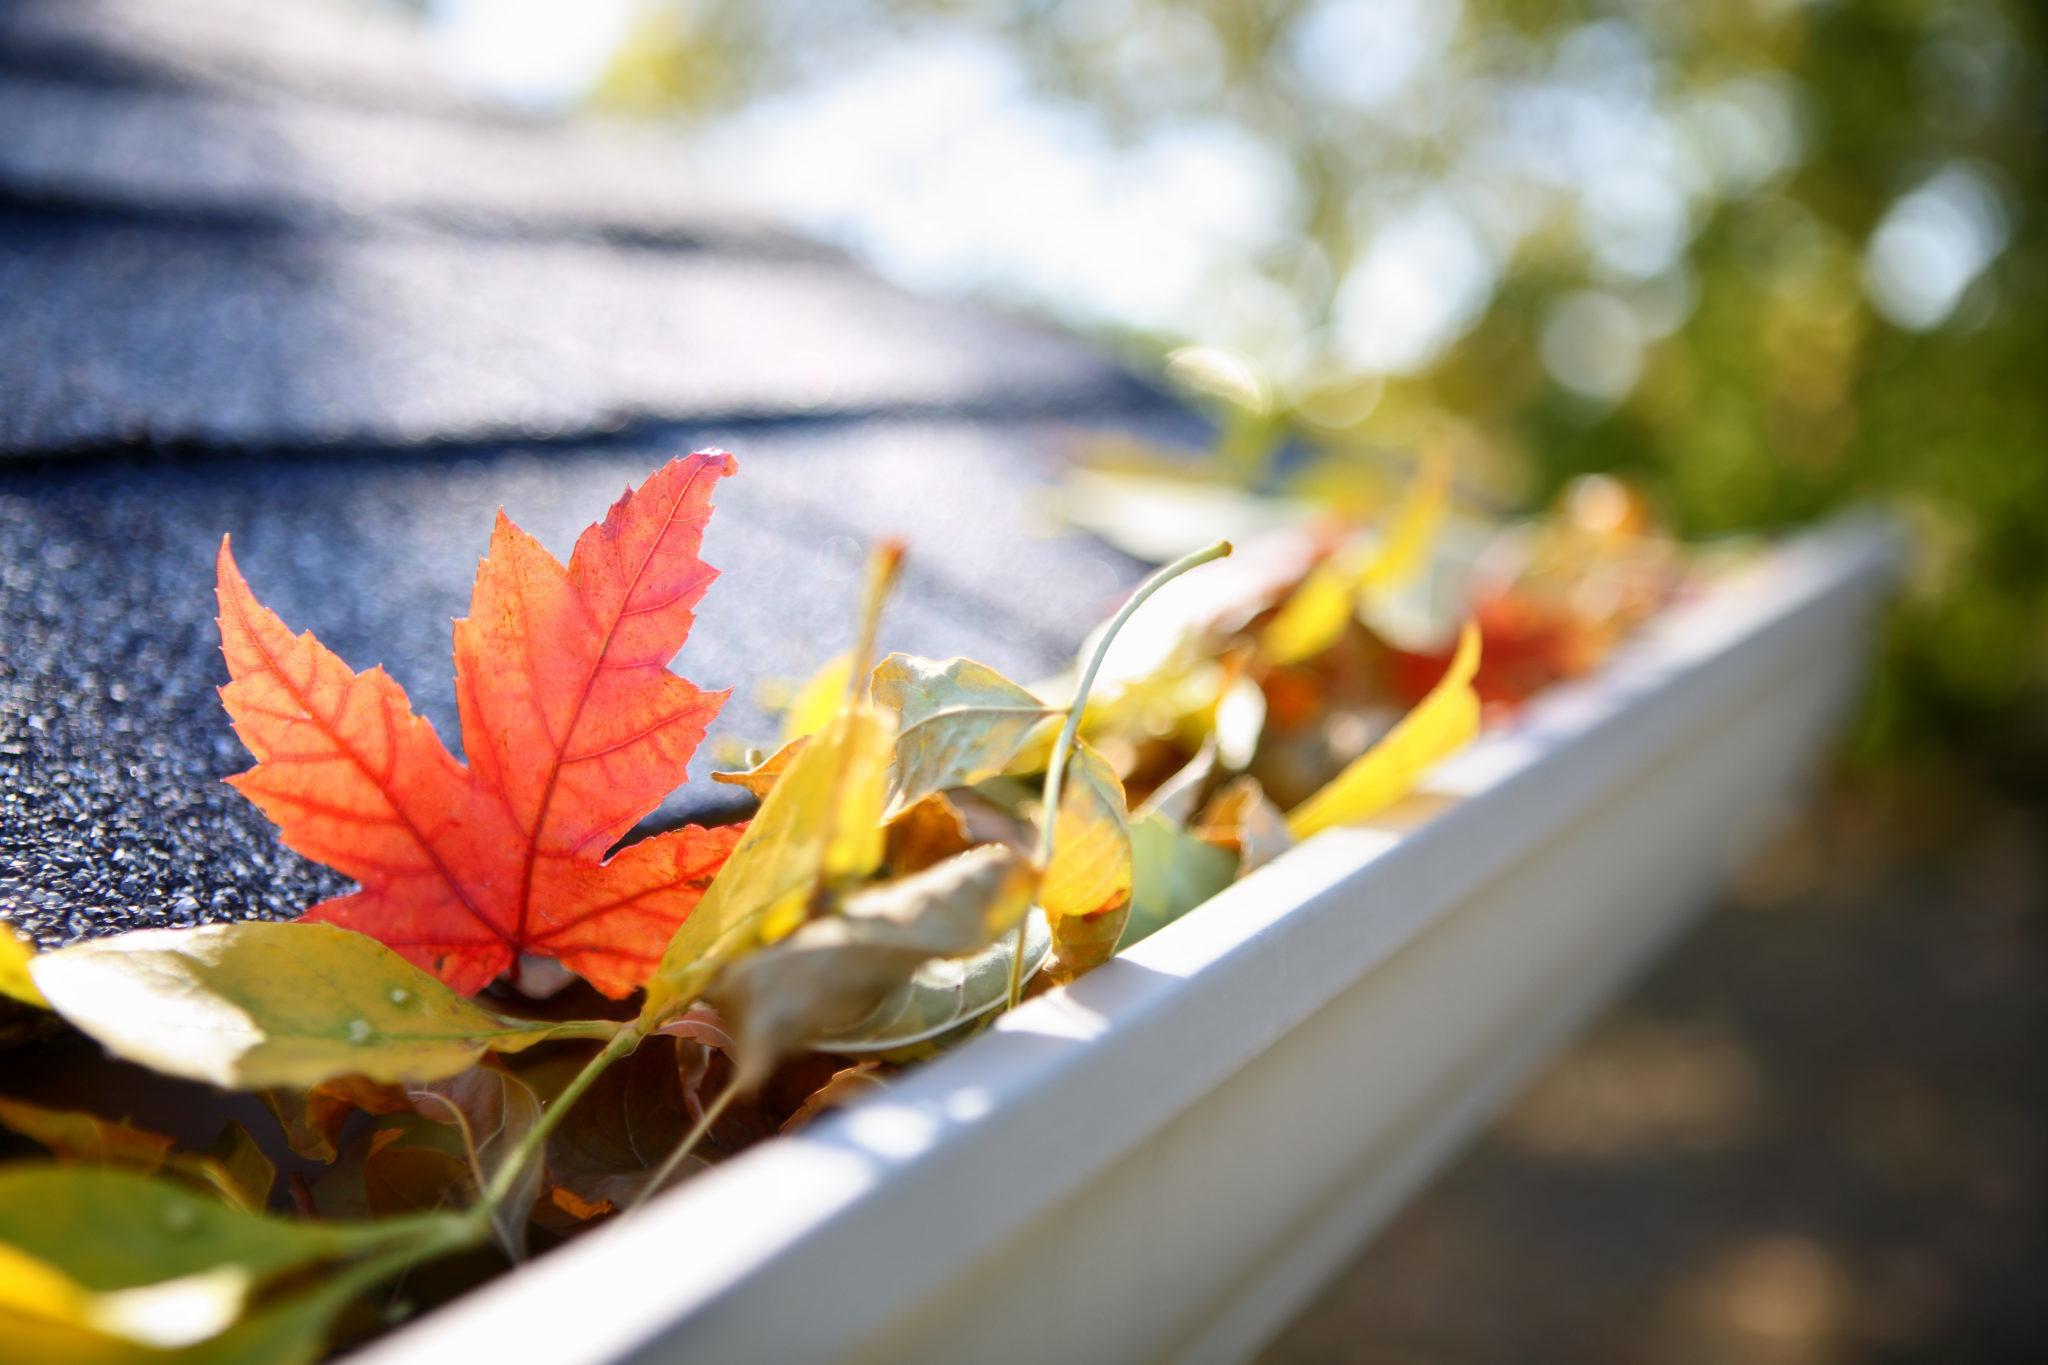 leaves-in-gutter